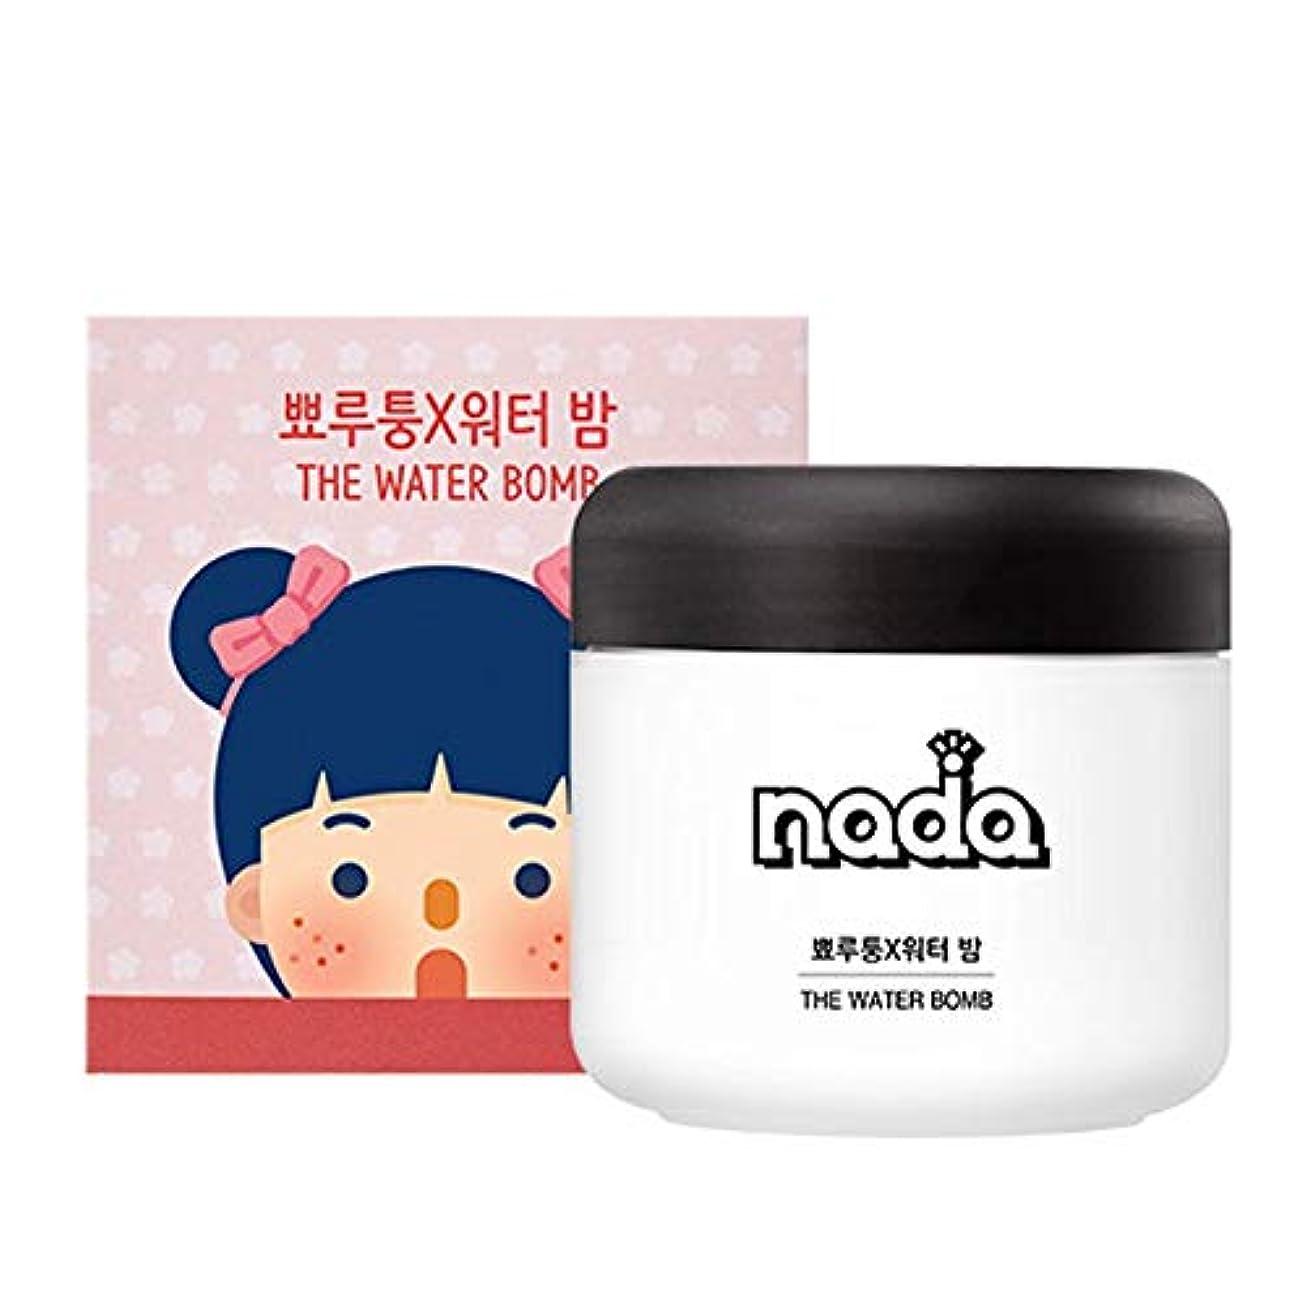 元の珍味めんどりBEST韓国水爆弾50グラムモイスチャライジングフェイスクリームケア寧アンチリンクル化粧品NADA